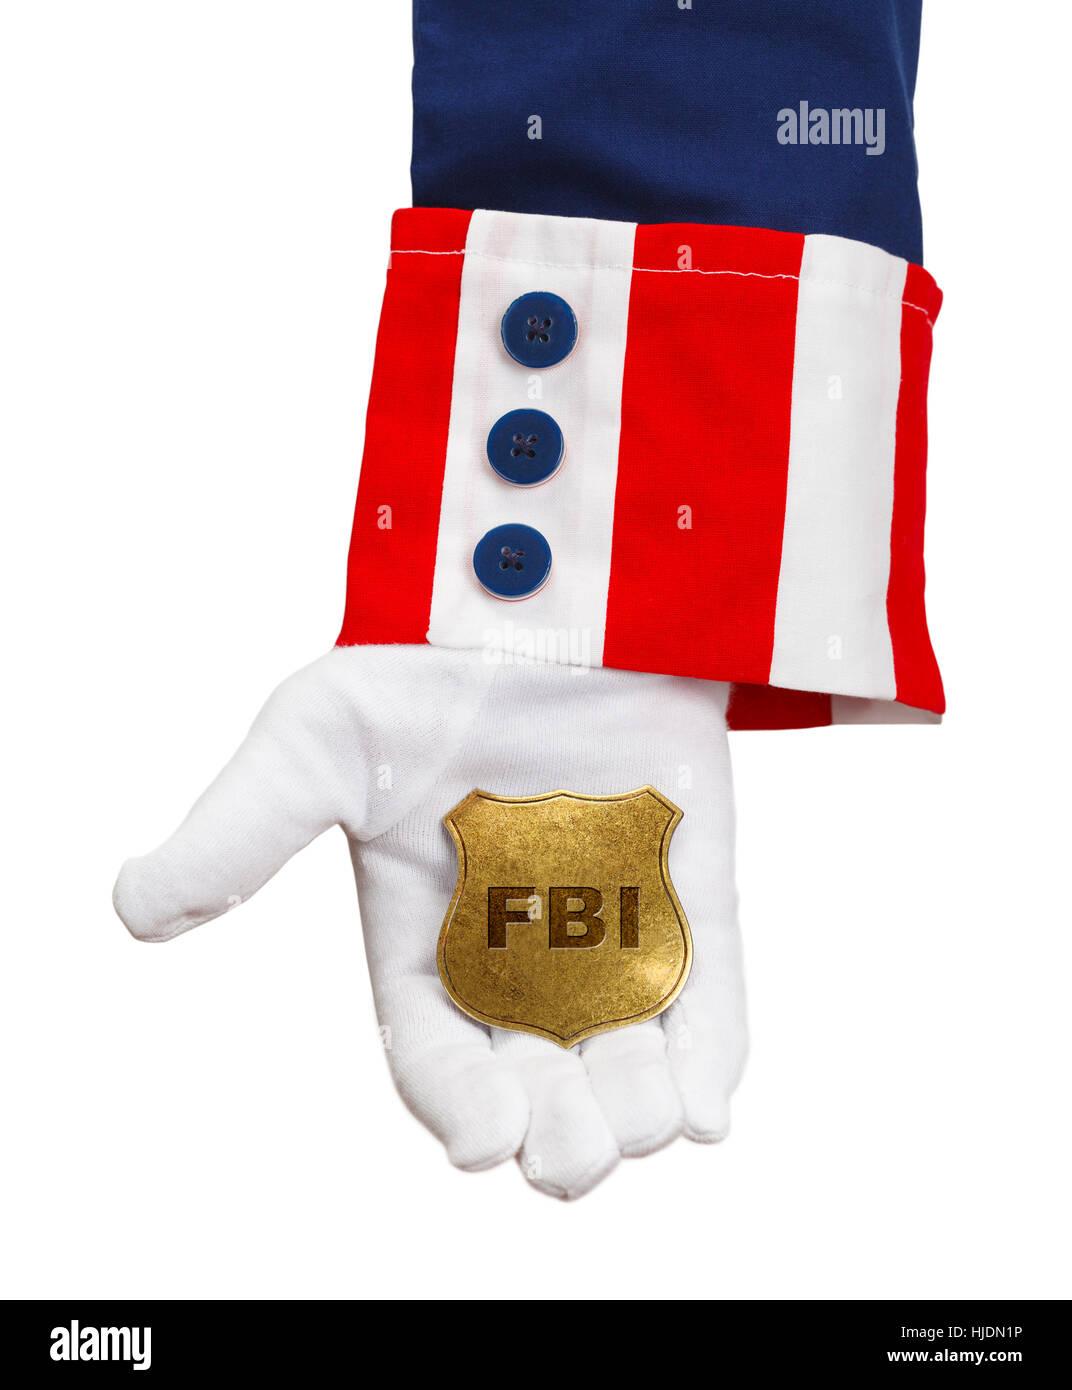 President Holding FBI Badge Isolated on White. - Stock Image